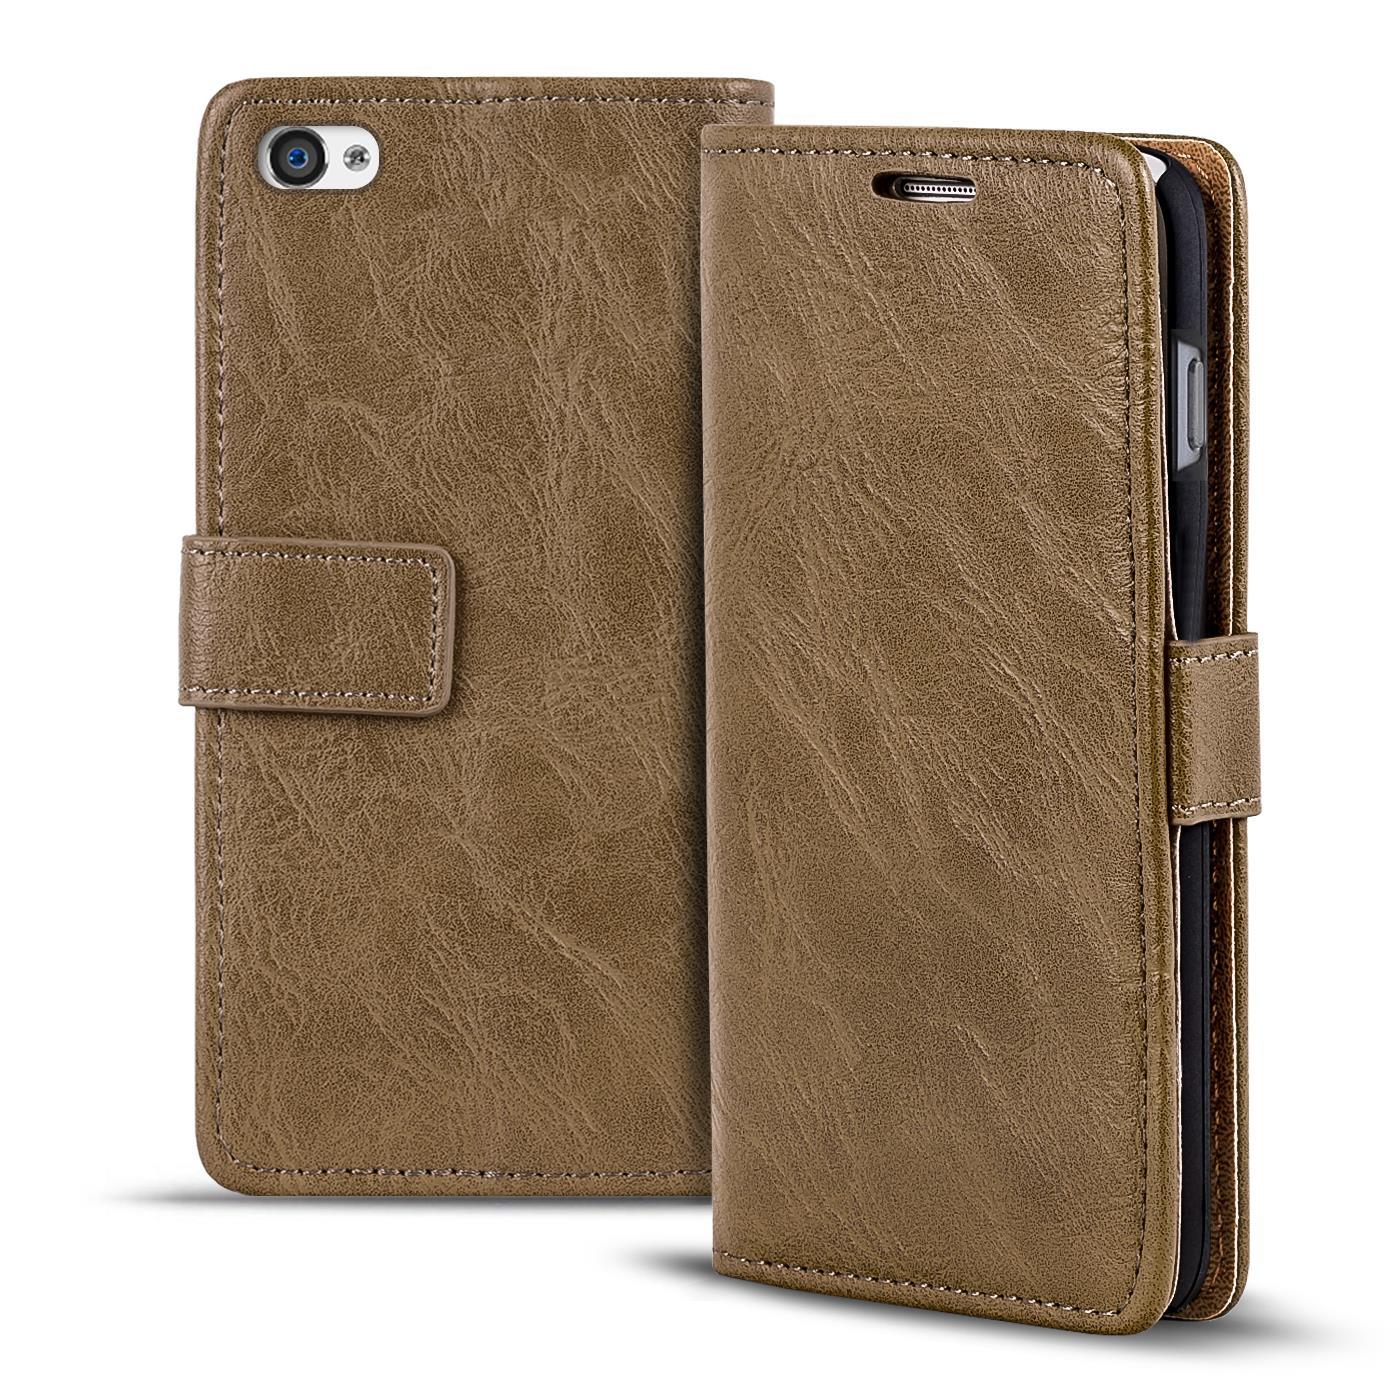 cheap for discount c7daf 3c8d1 Details about Pouch Apple Iphone 4 S Flip Cover Case Case Wallet Premium  Case